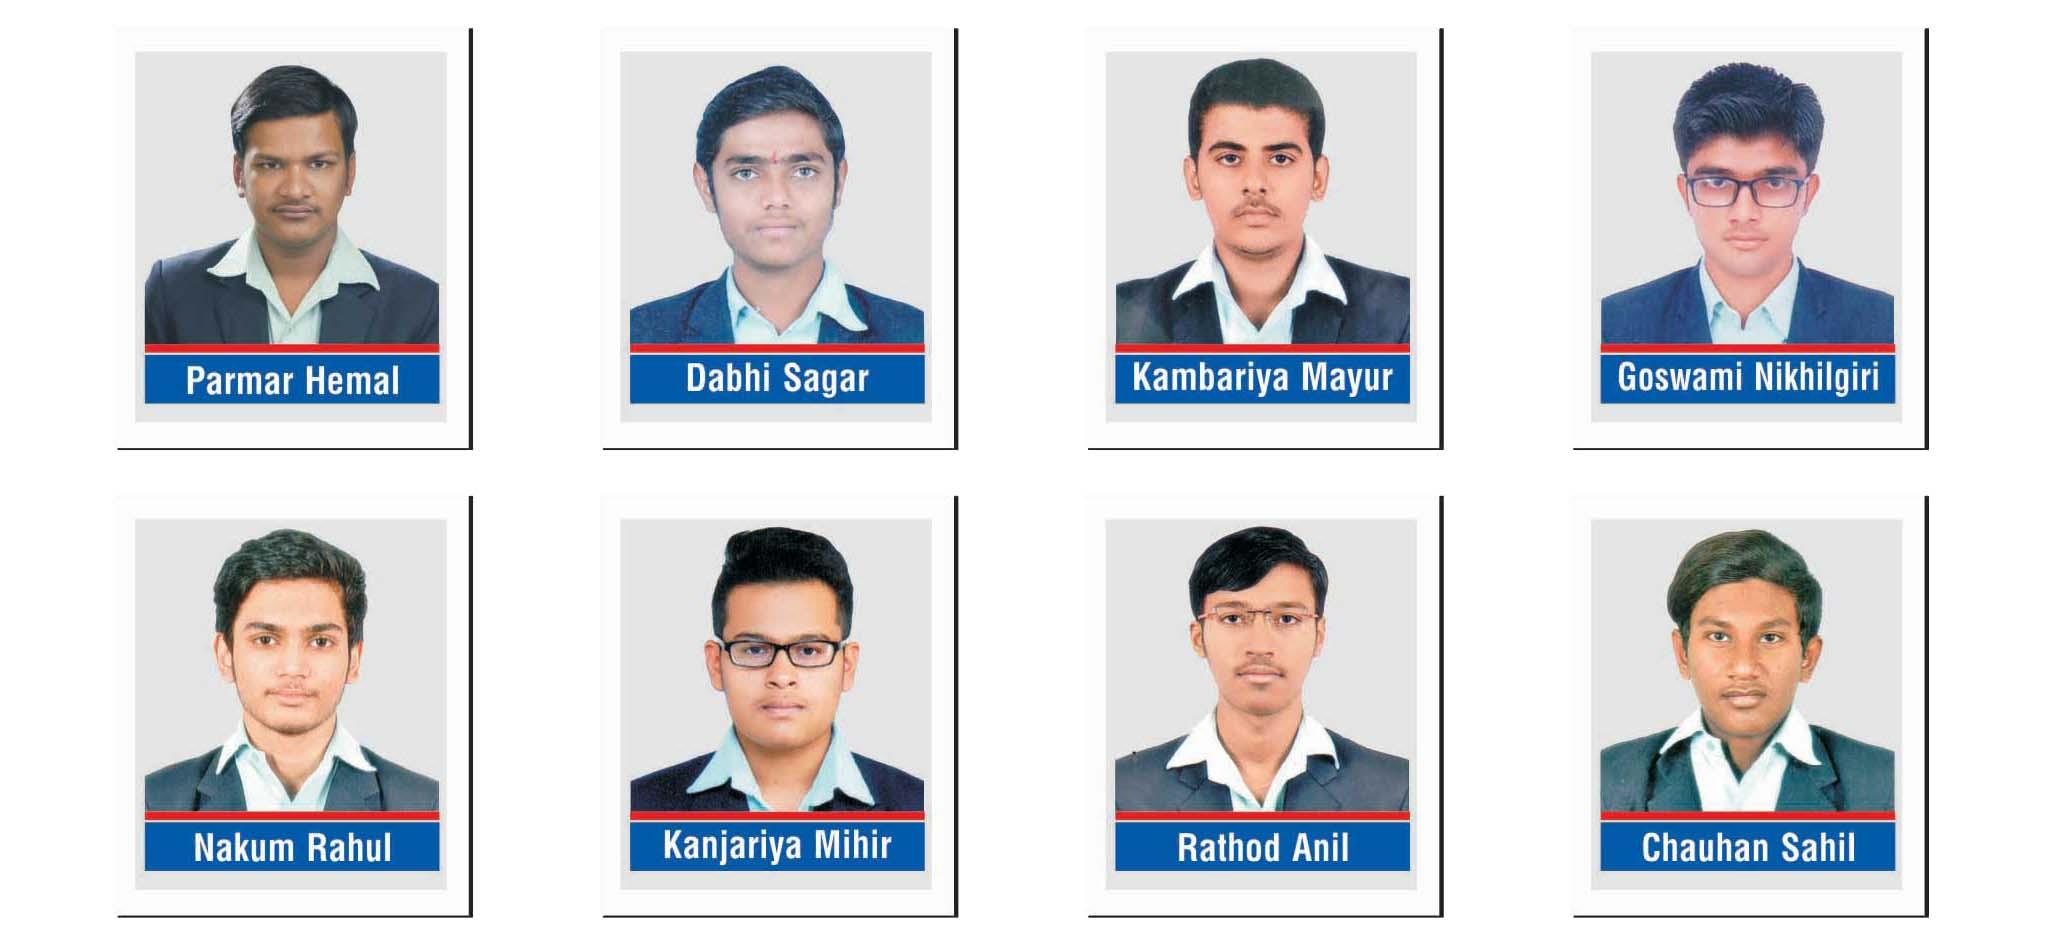 krishna schools JEE Result of 2017